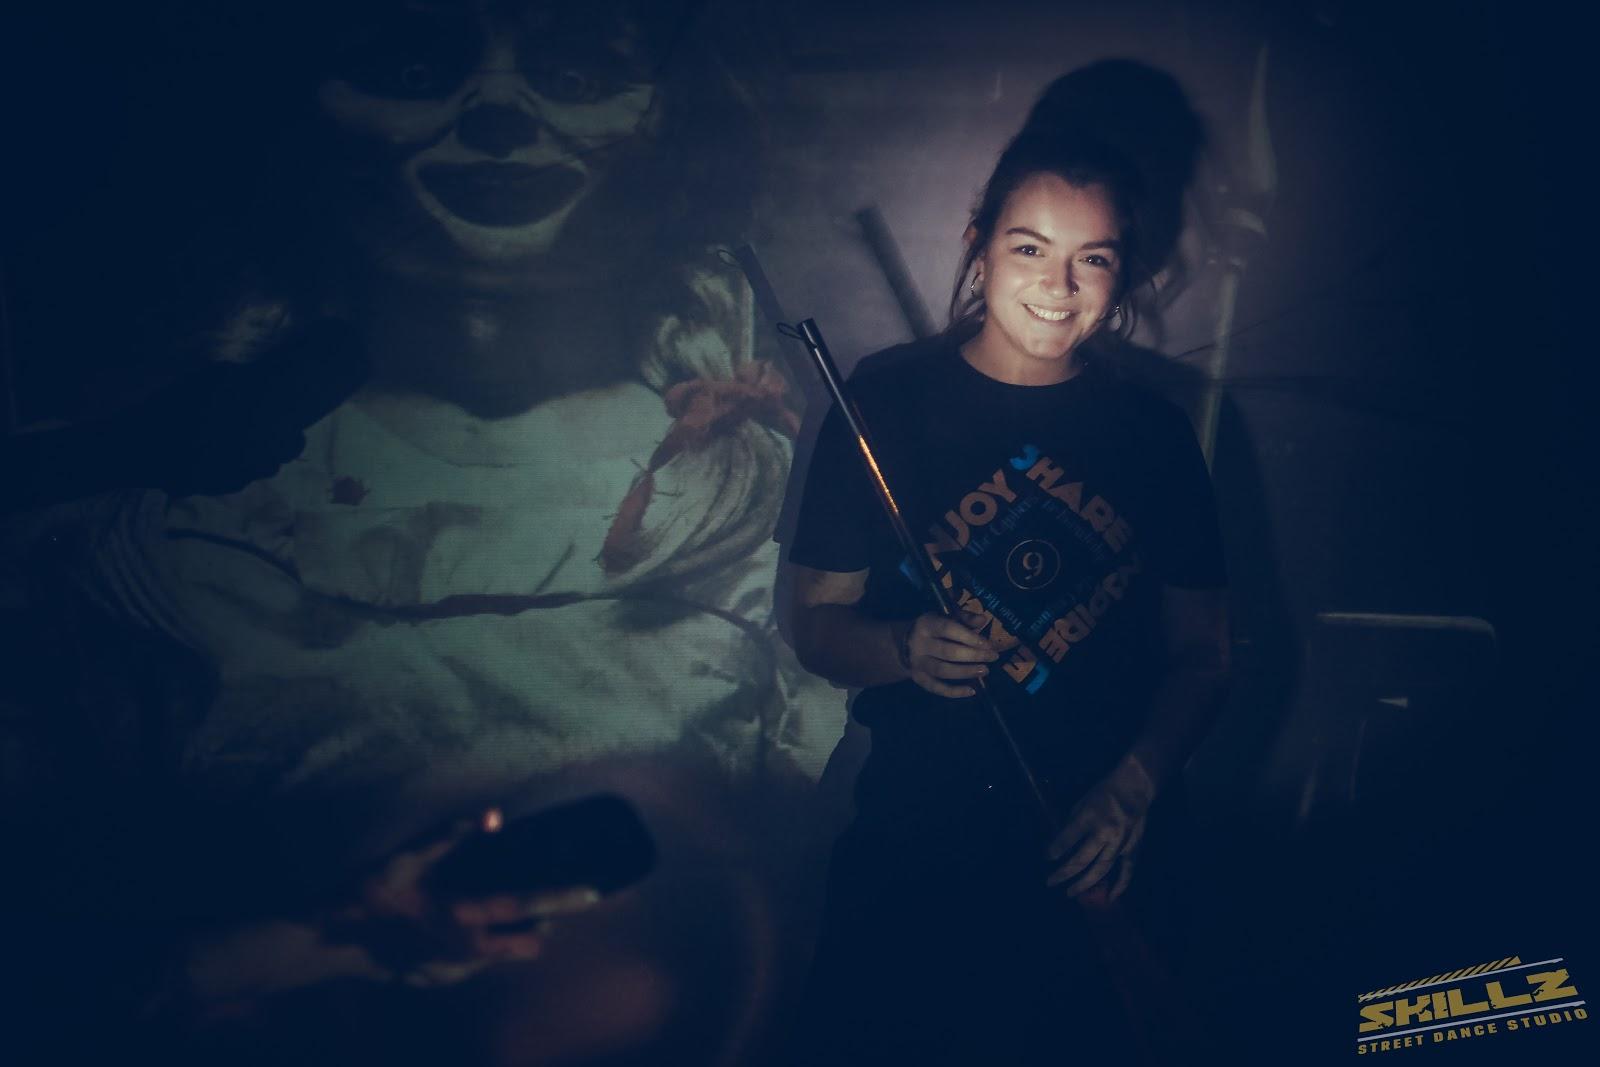 Naujikų krikštynos @SKILLZ (Halloween tema) - PANA1881.jpg